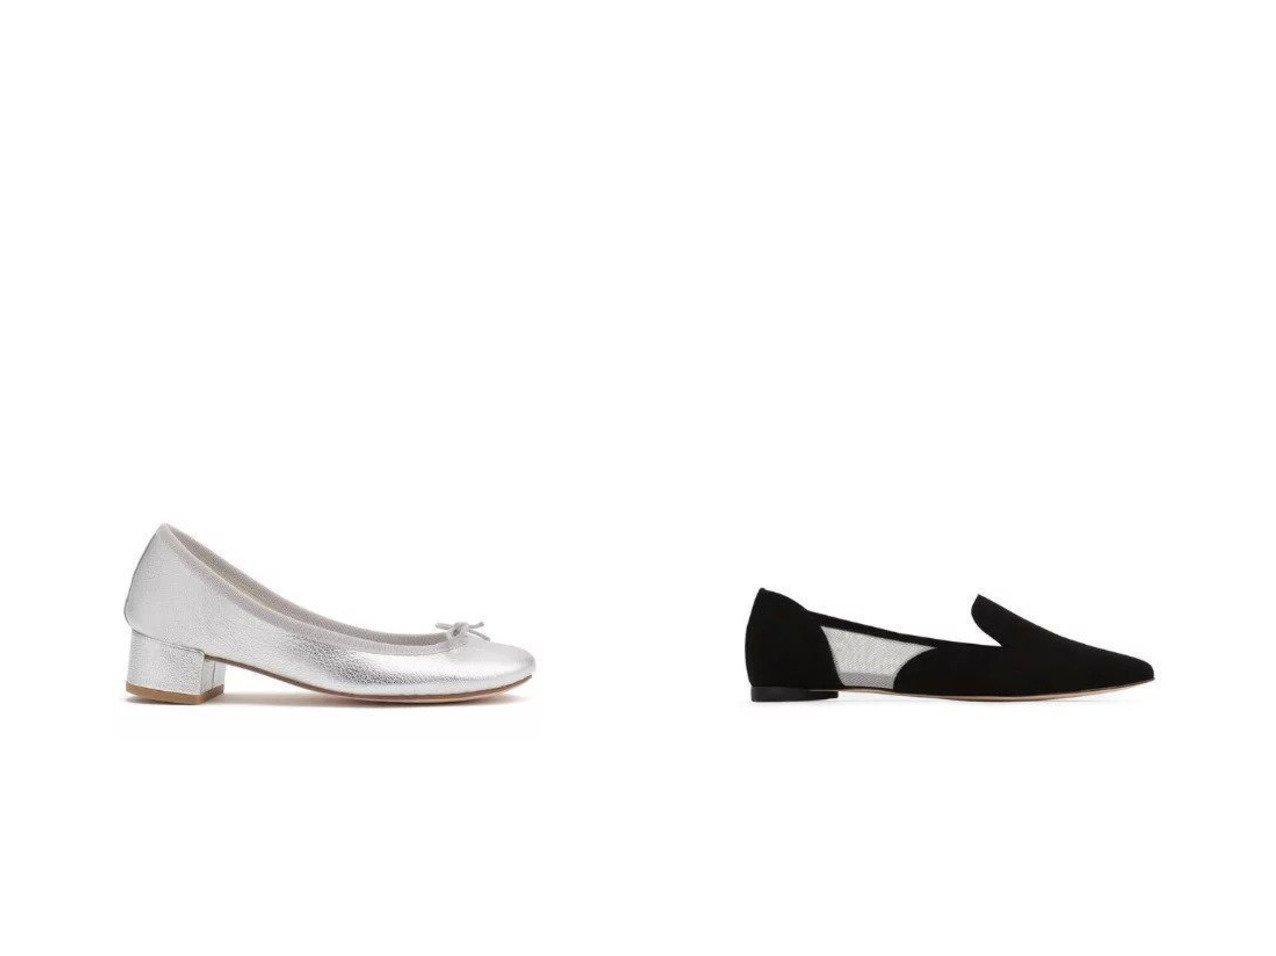 【repetto/レペット】のNanet Slippers&Camille Ballerinas 【シューズ・靴】おすすめ!人気、トレンド・レディースファッションの通販 おすすめで人気の流行・トレンド、ファッションの通販商品 メンズファッション・キッズファッション・インテリア・家具・レディースファッション・服の通販 founy(ファニー) https://founy.com/ ファッション Fashion レディースファッション WOMEN シューズ バレエ フラット ミドル エレガント スエード スリッポン メッシュ |ID:crp329100000028397